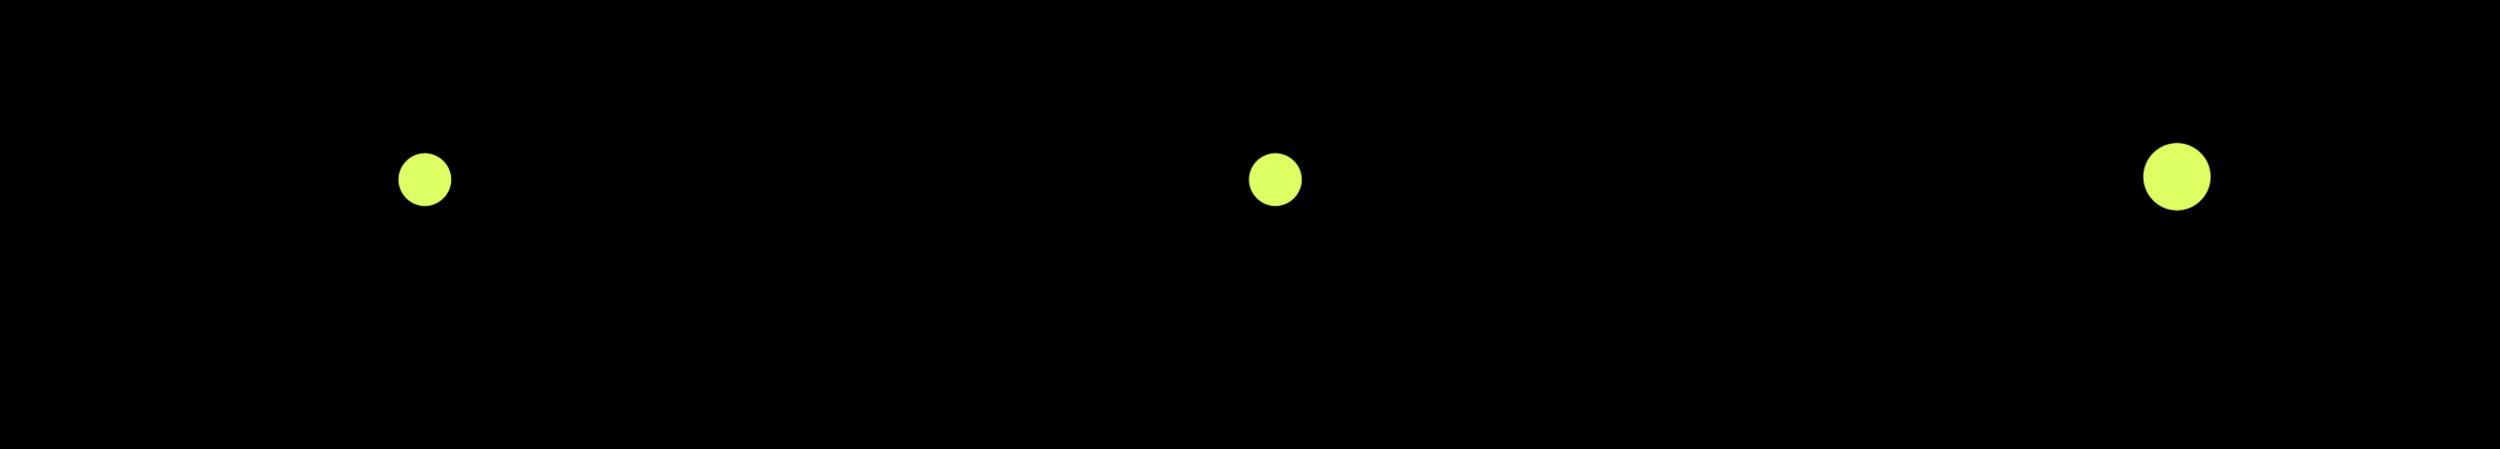 Timeline Dot One-77.png